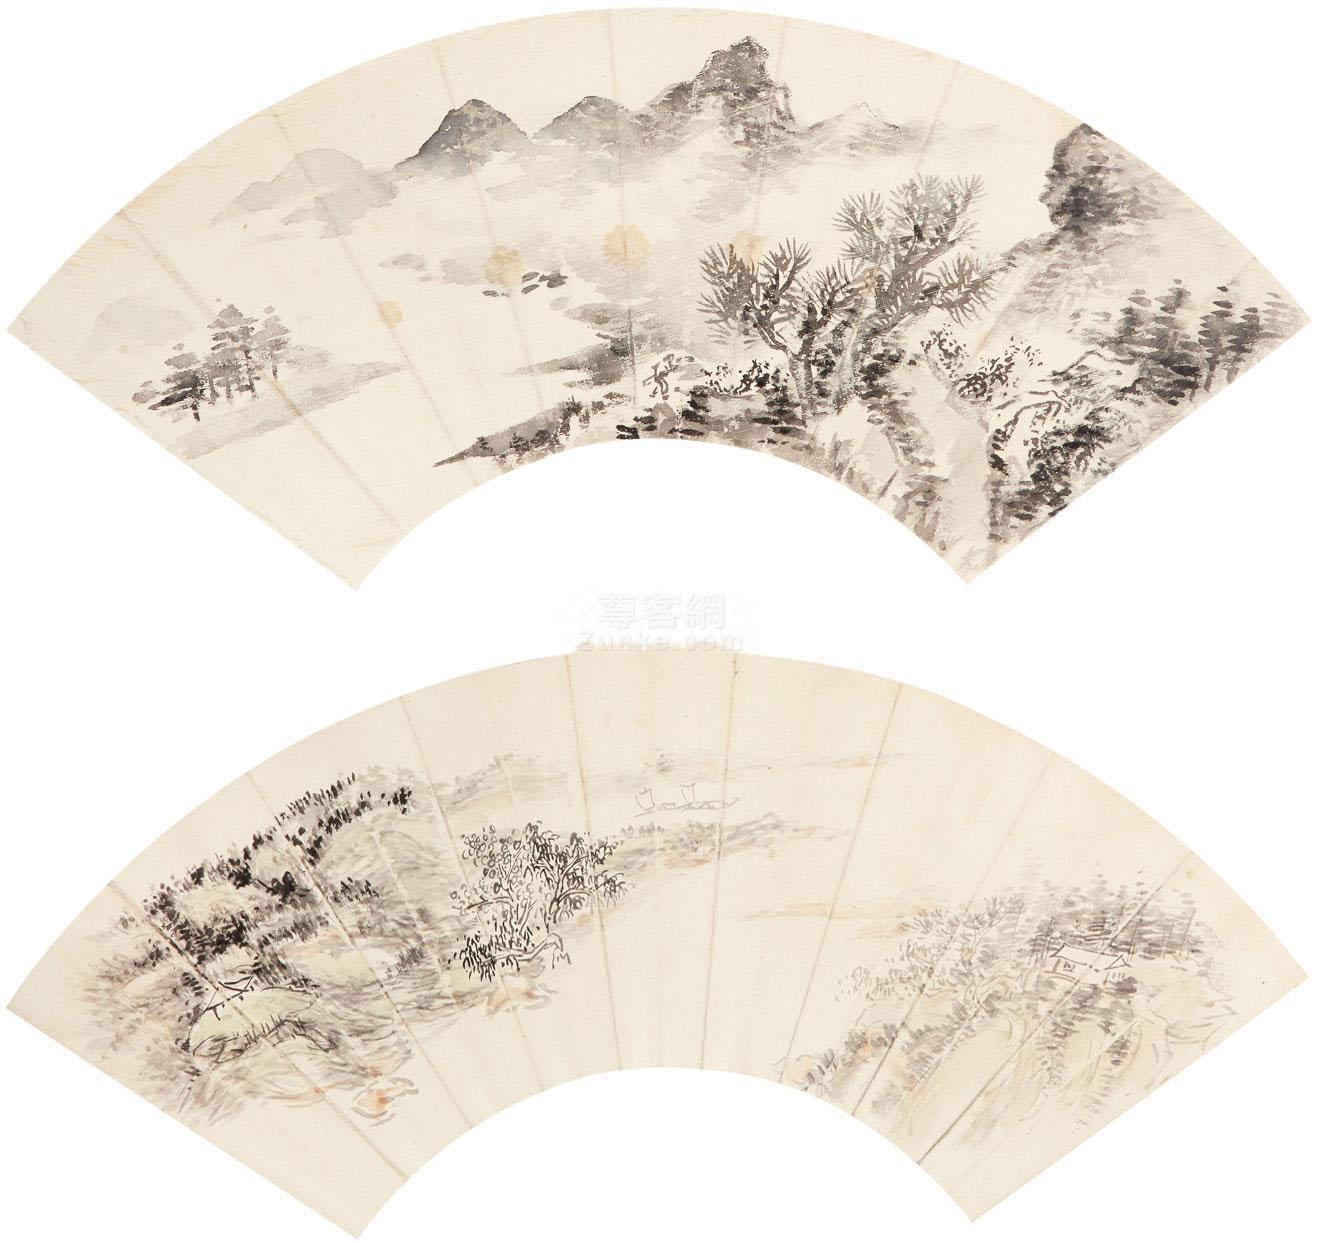 佚名 山水 镜片 纸本作品欣赏